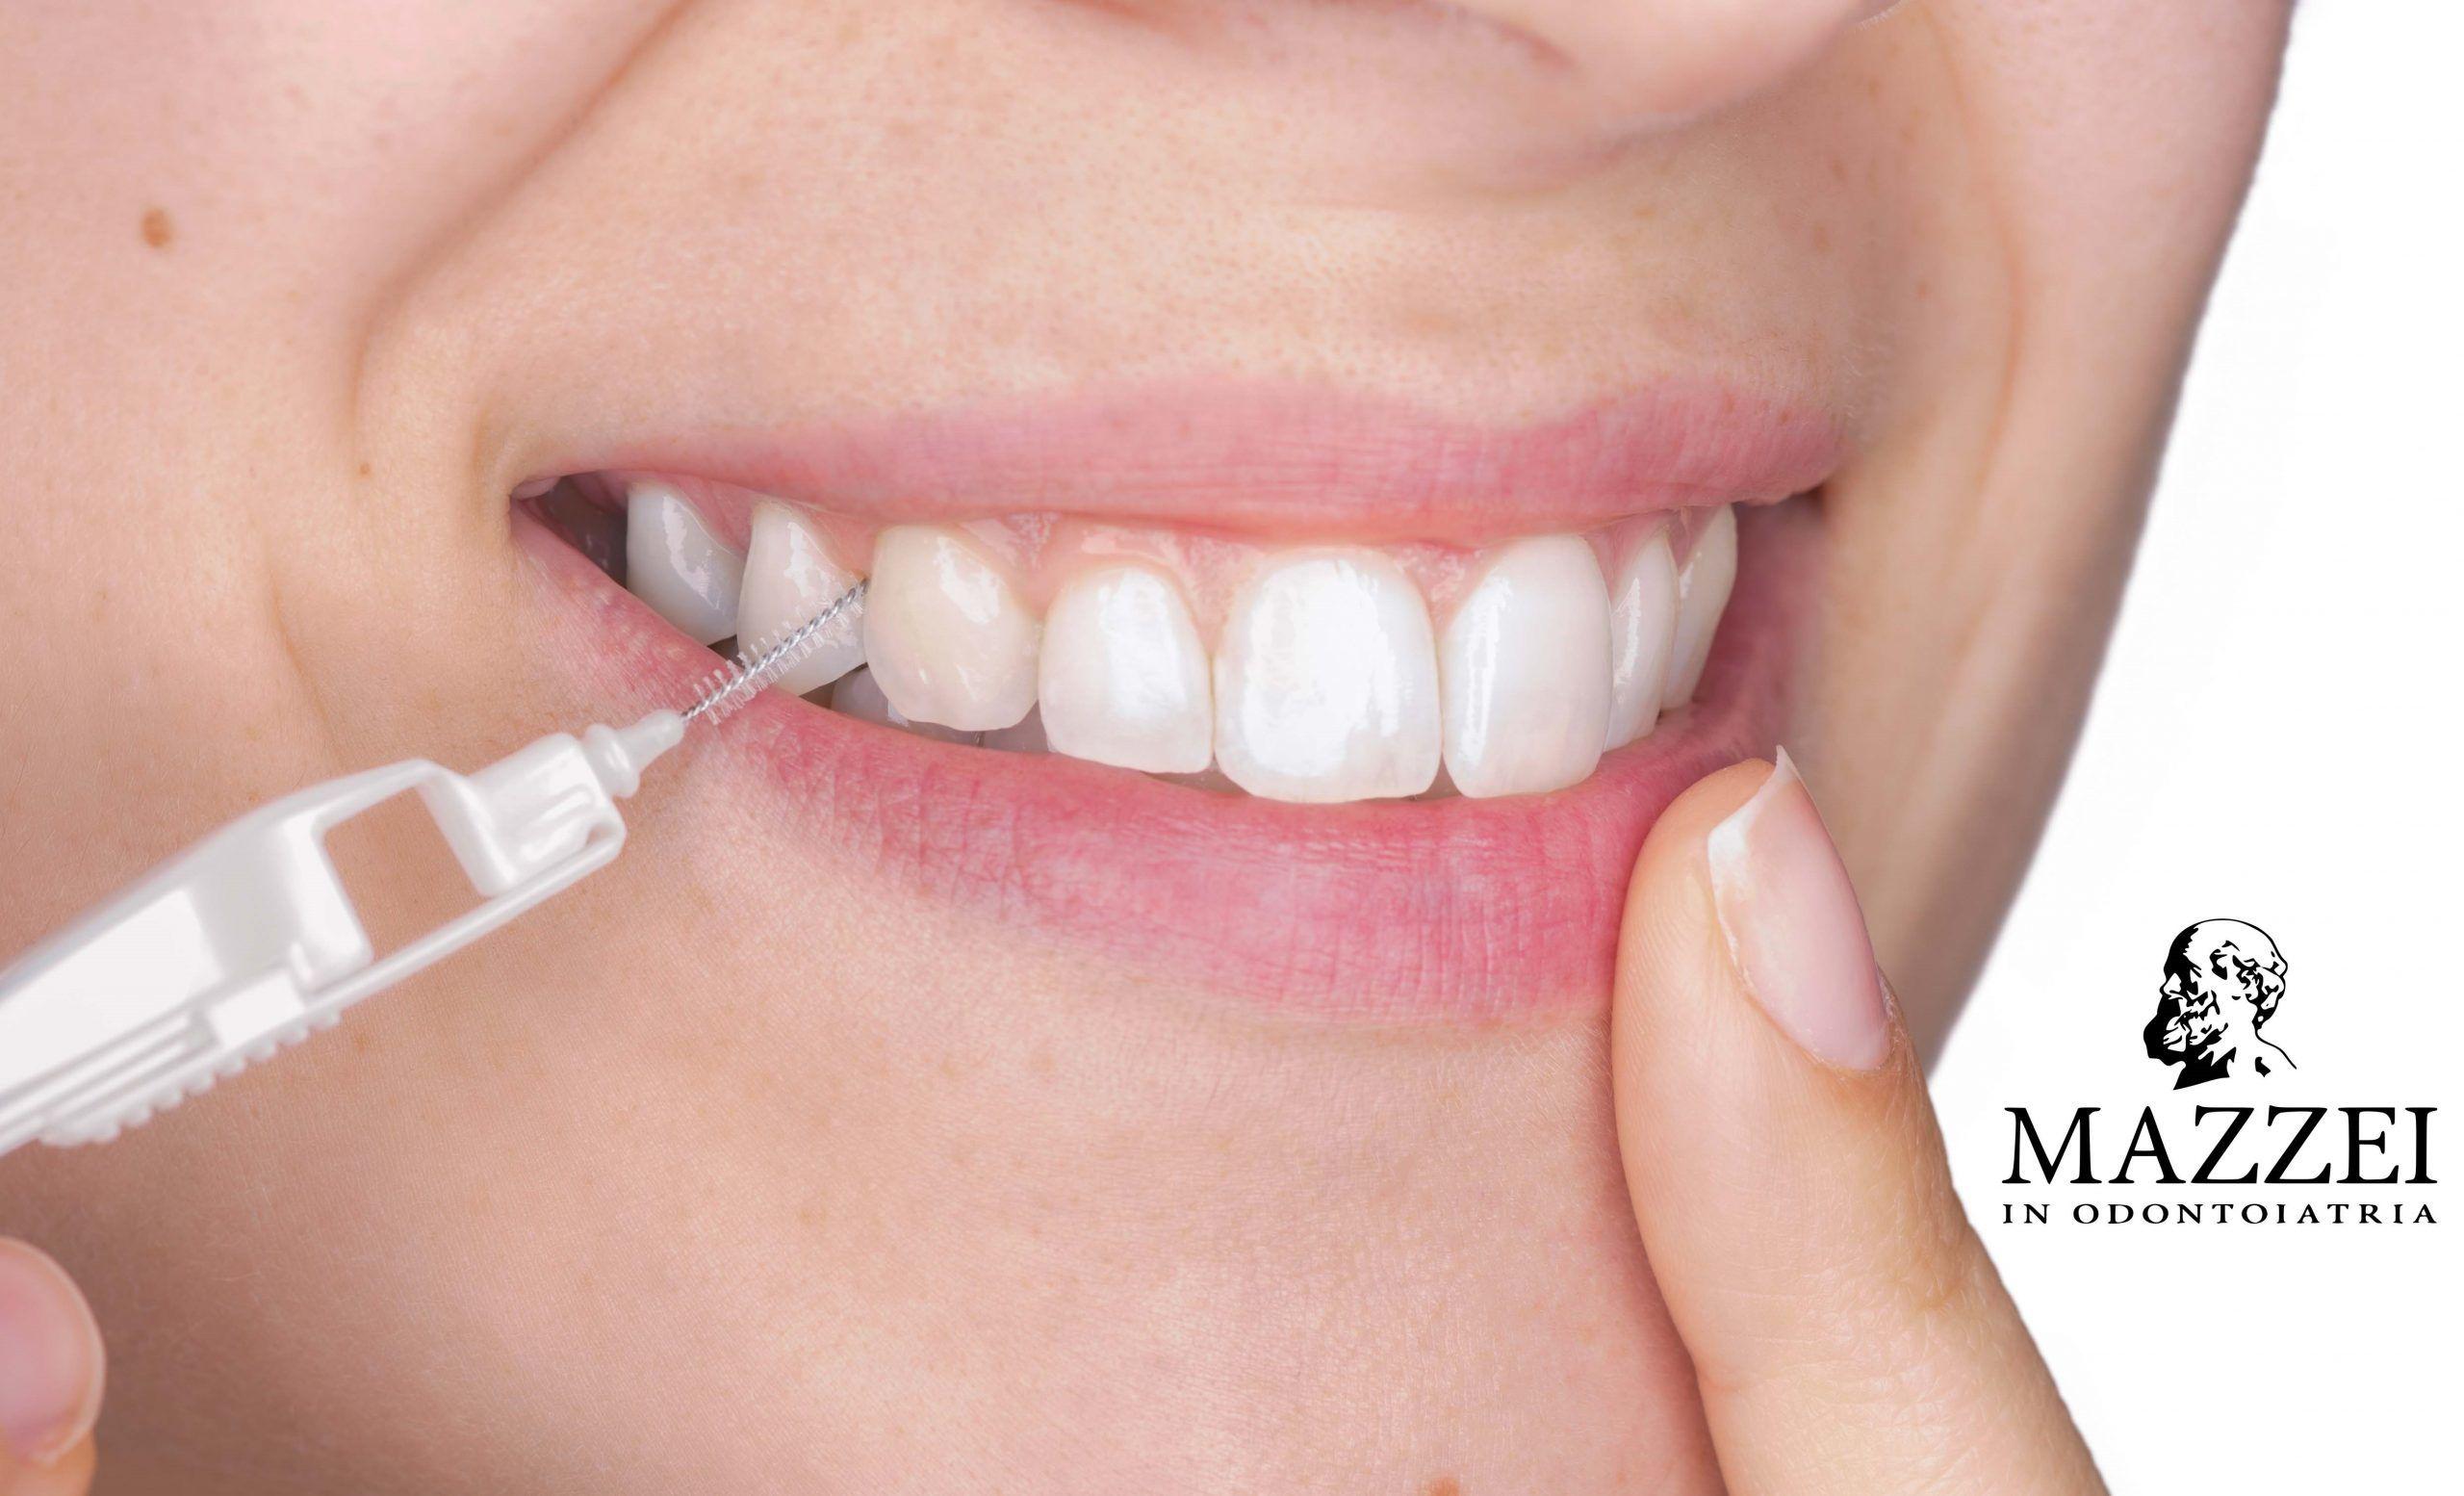 Scovolino denti: cos'è e come si utilizza